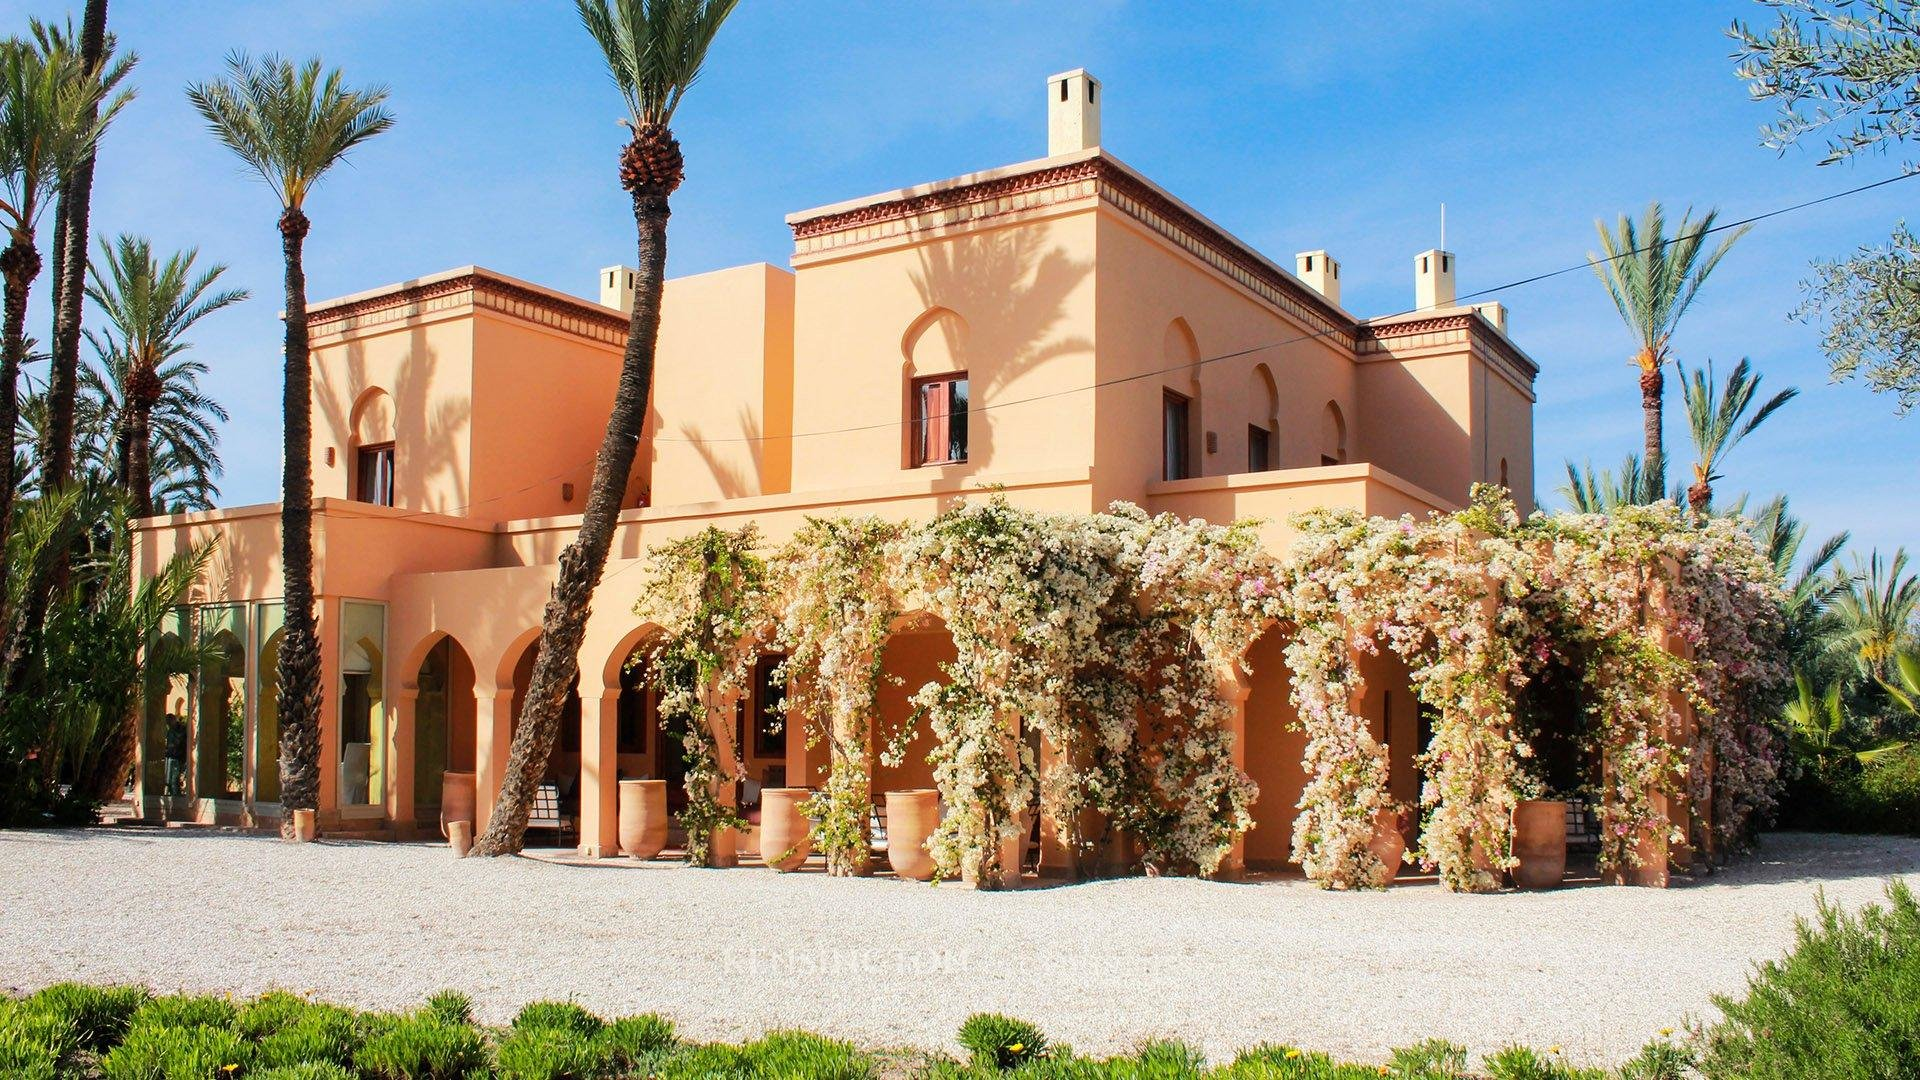 KPPM00670: Villa Jnane Fiestan Villa de luxe Marrakech Maroc